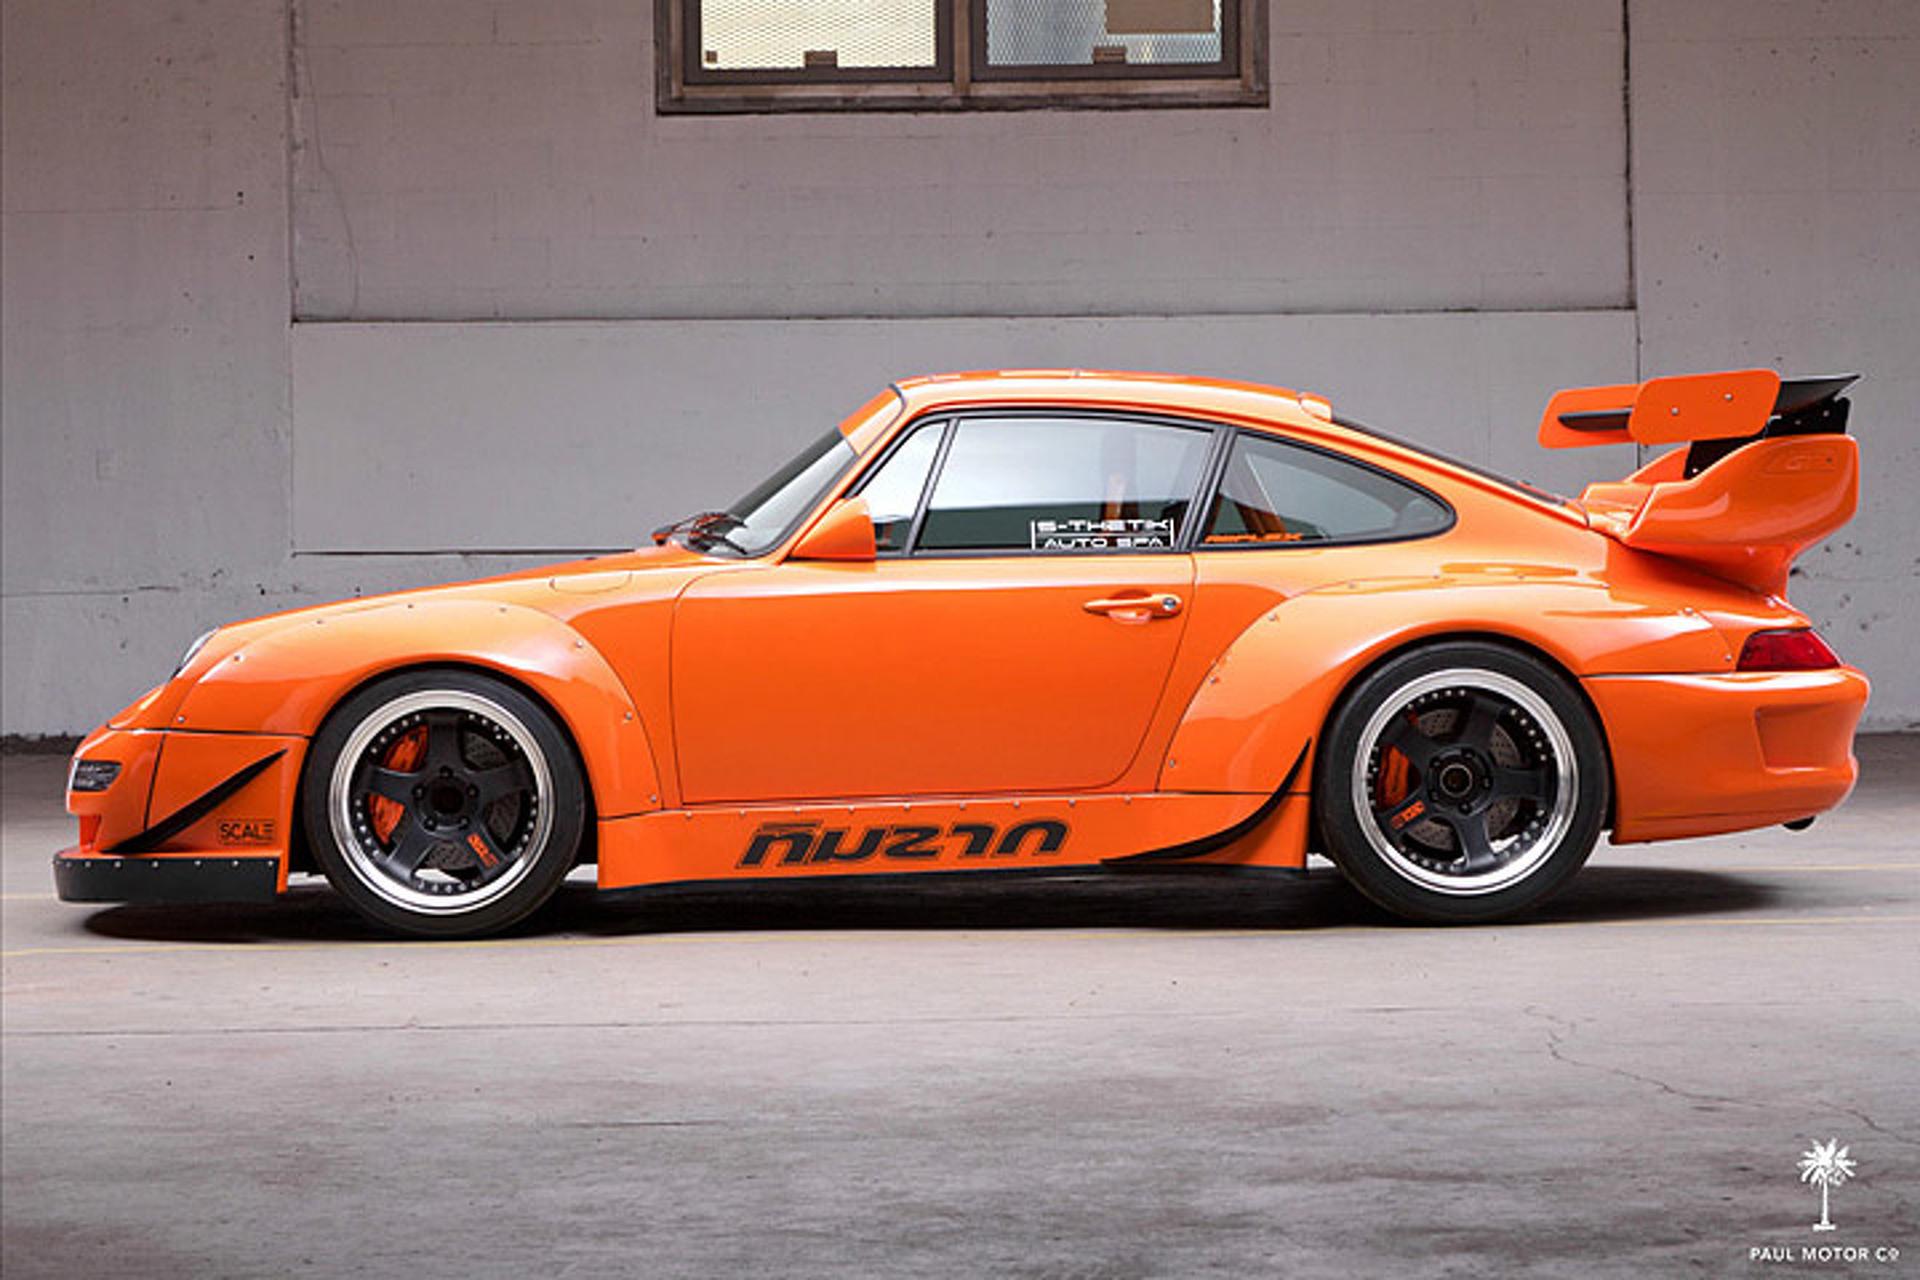 Porsche 911 Not Scary Enough? This One Has a Corvette V8